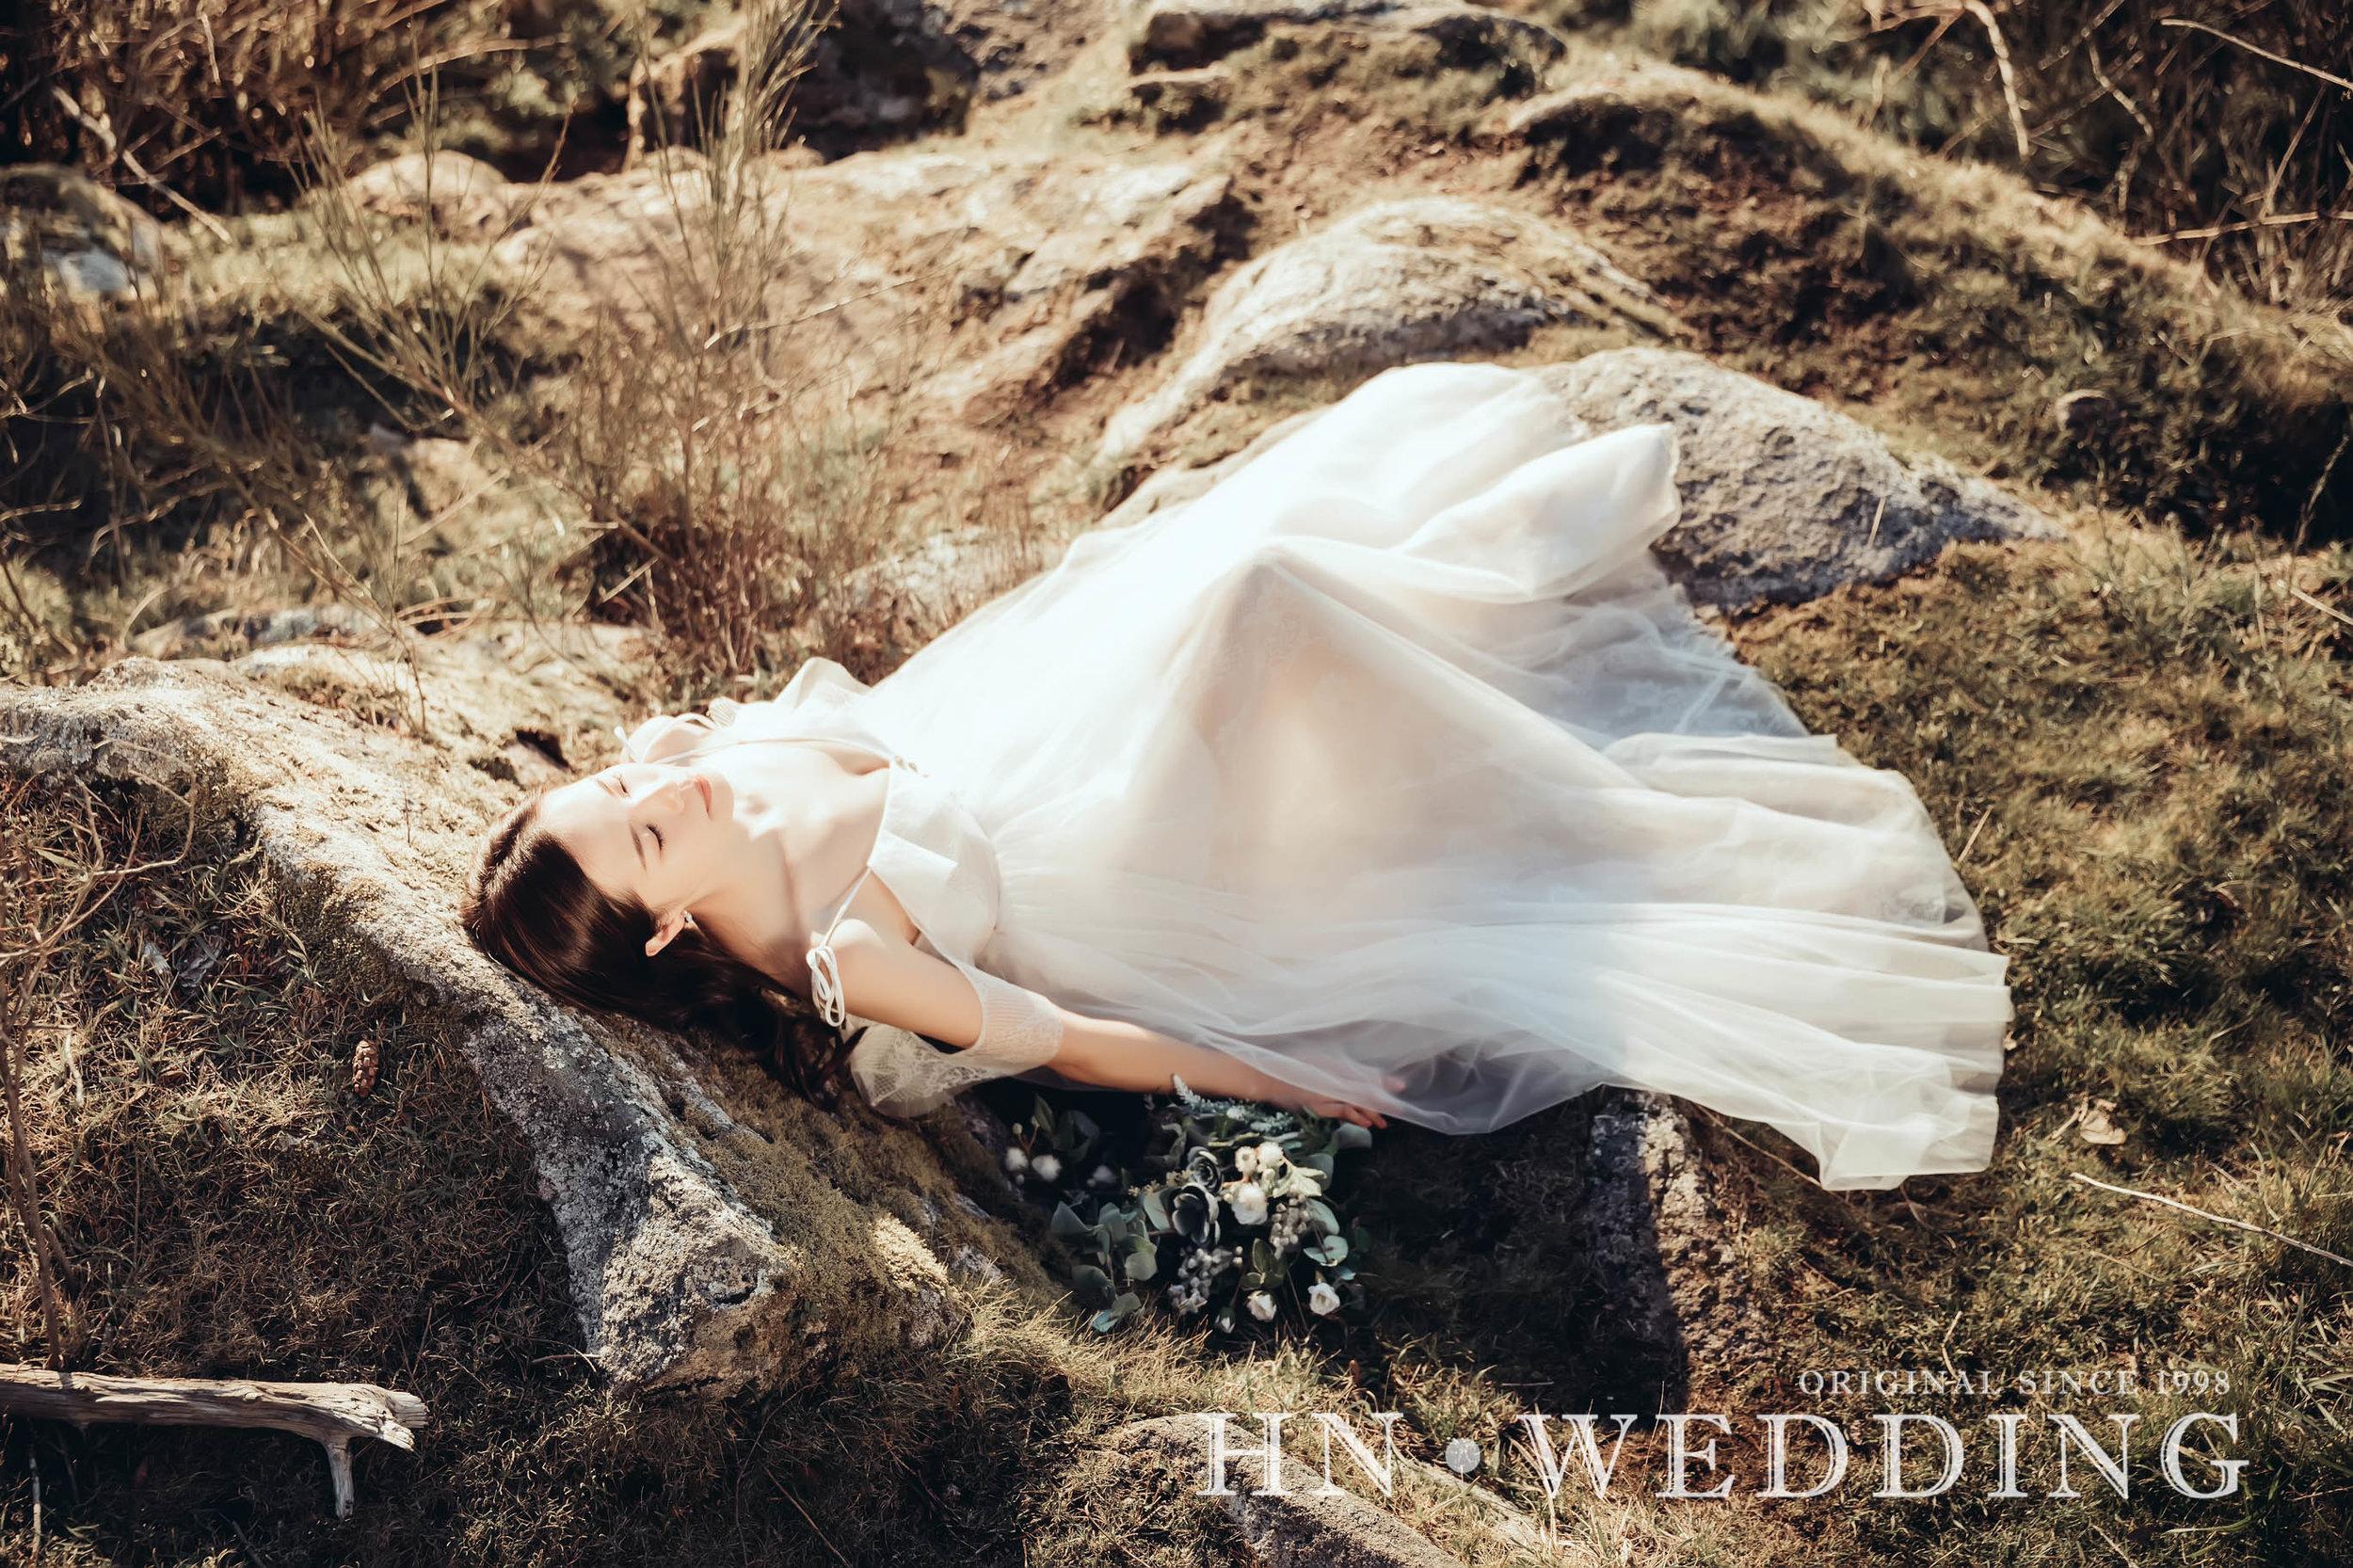 hnweddingprewedding20190220-57.jpg